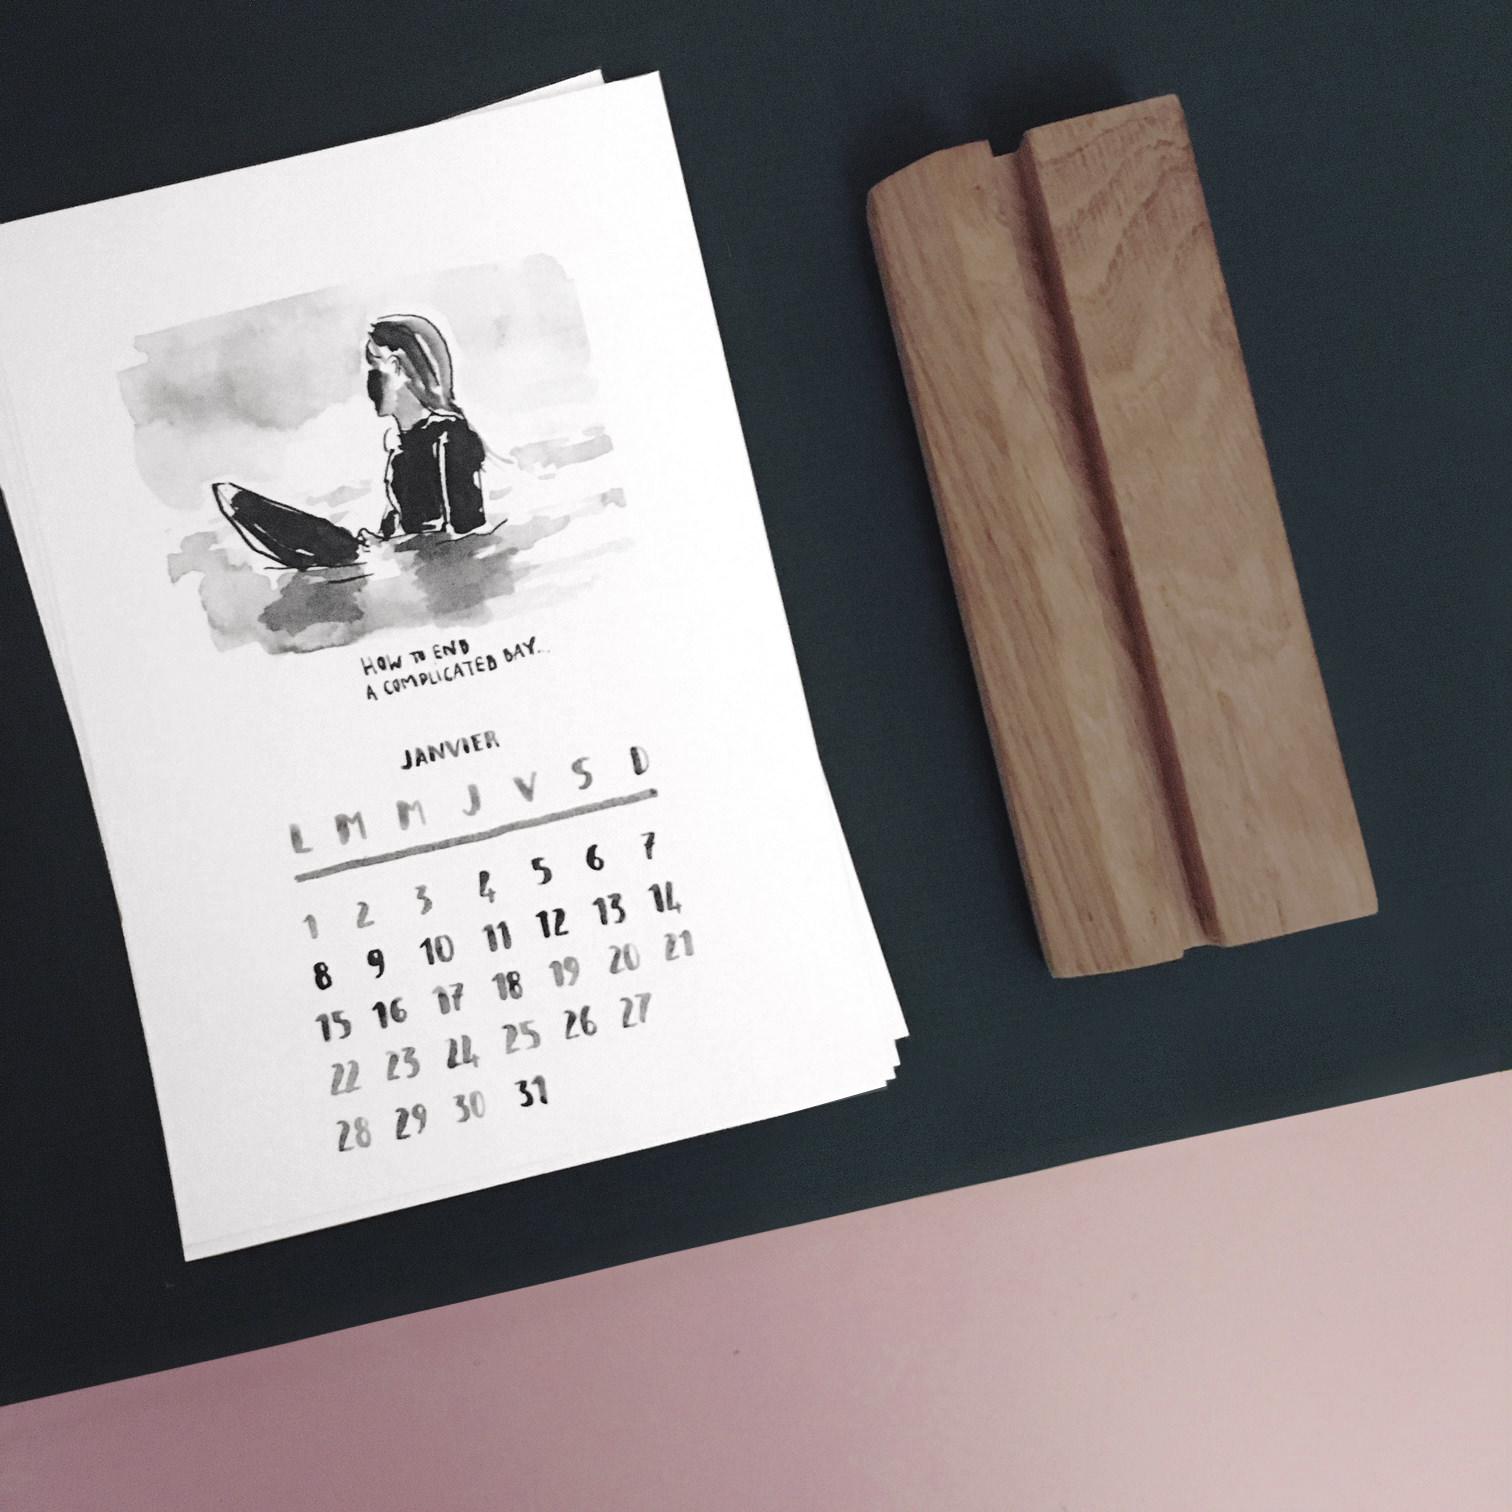 calendrier-2018-vague-graphique-canson-support-bois